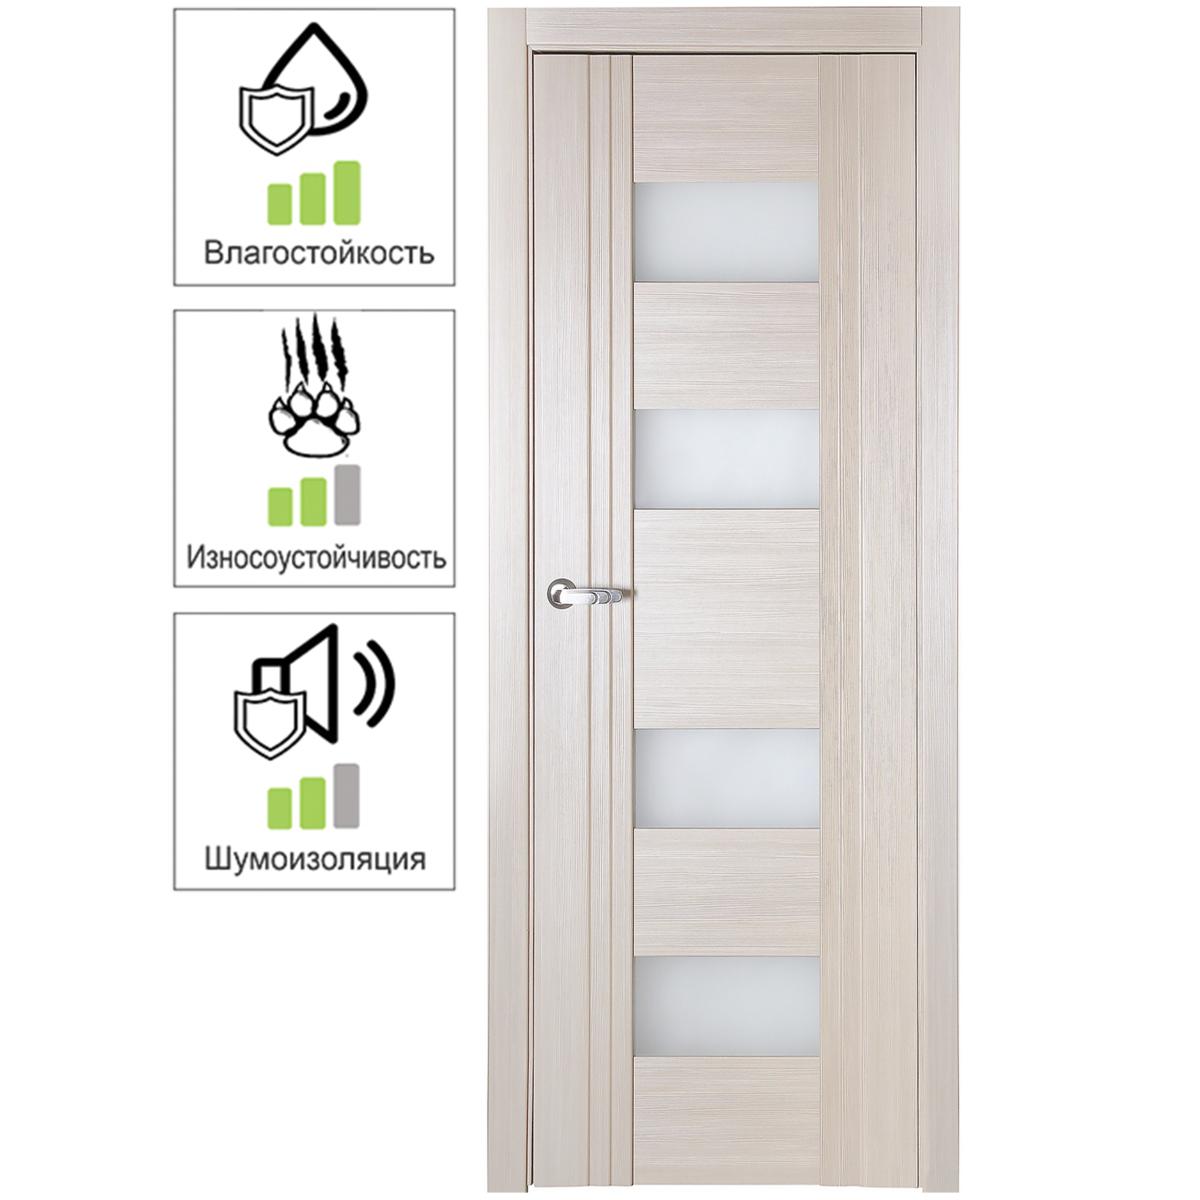 Дверь межкомнатная остеклённая с замком в комплекте Селект 60x200 см